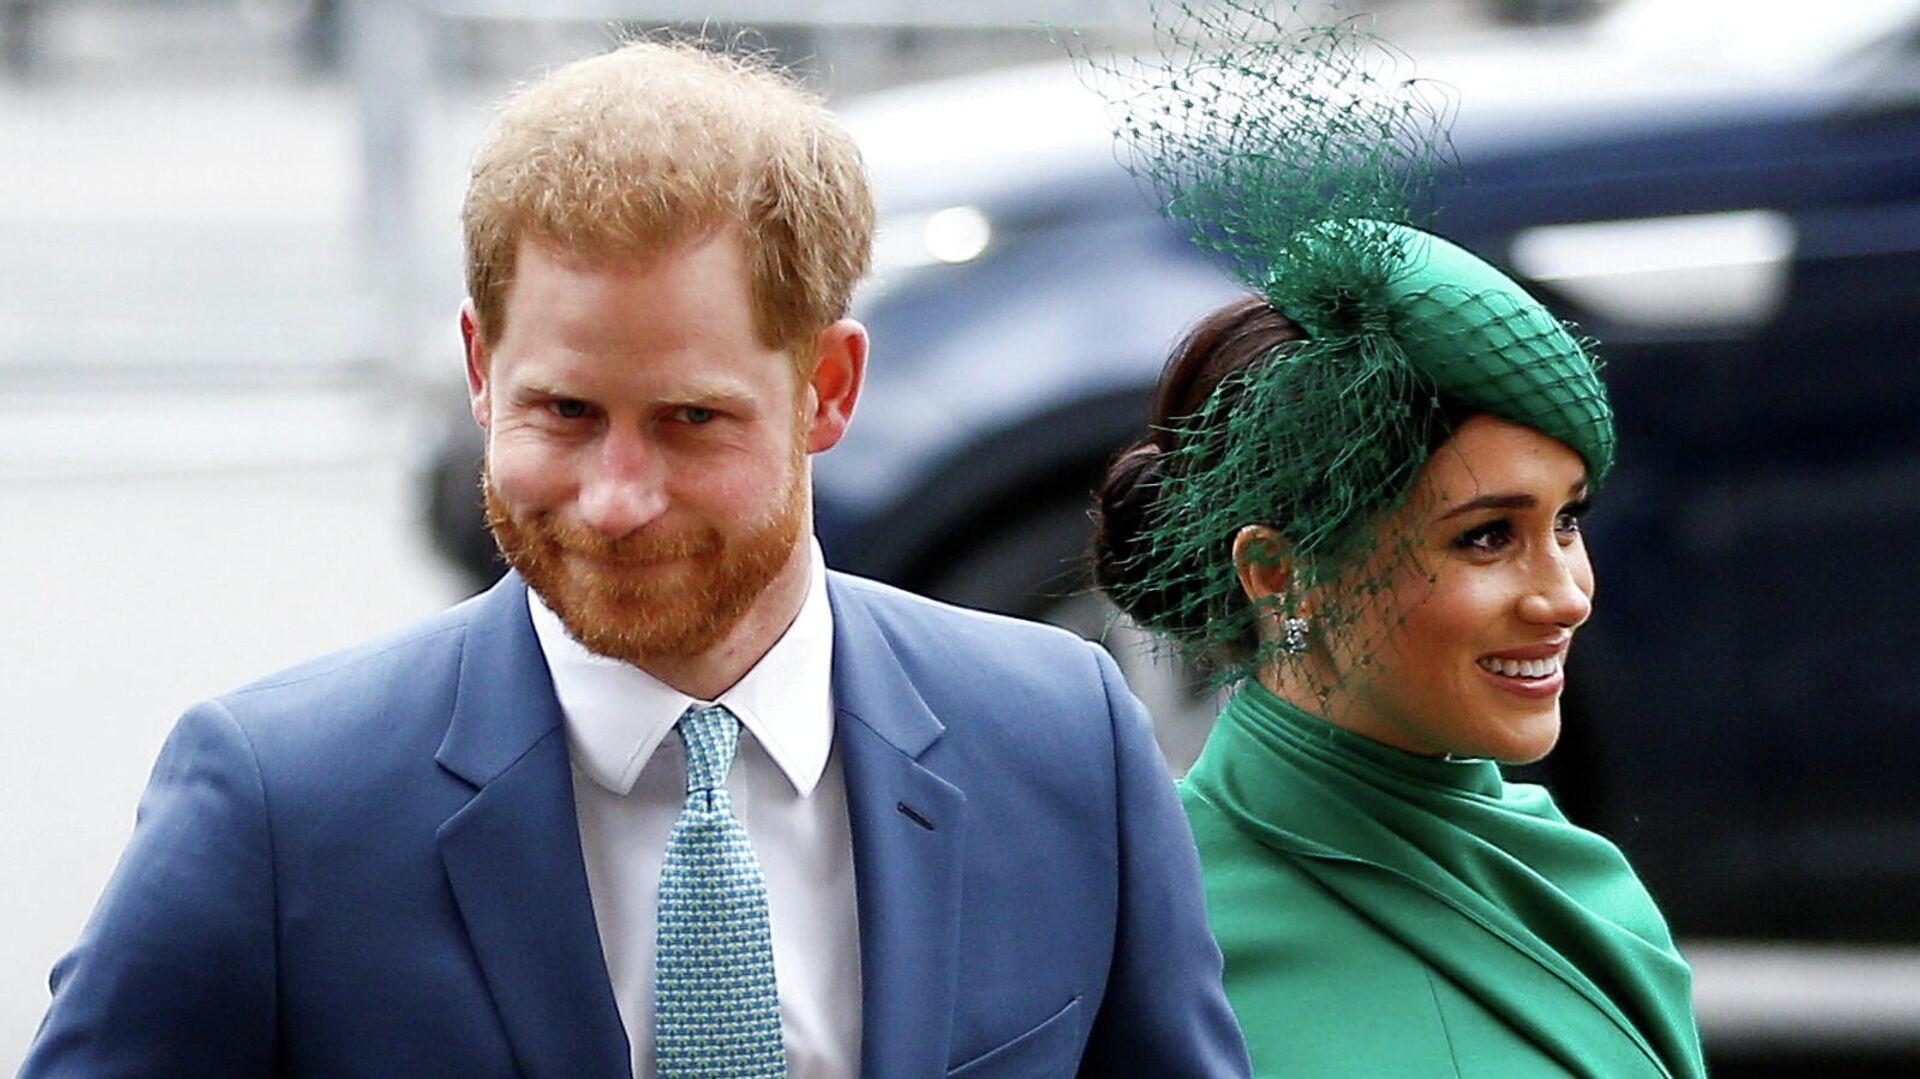 El príncipe Harry y su esposa, Meghan Markle - Sputnik Mundo, 1920, 26.05.2021